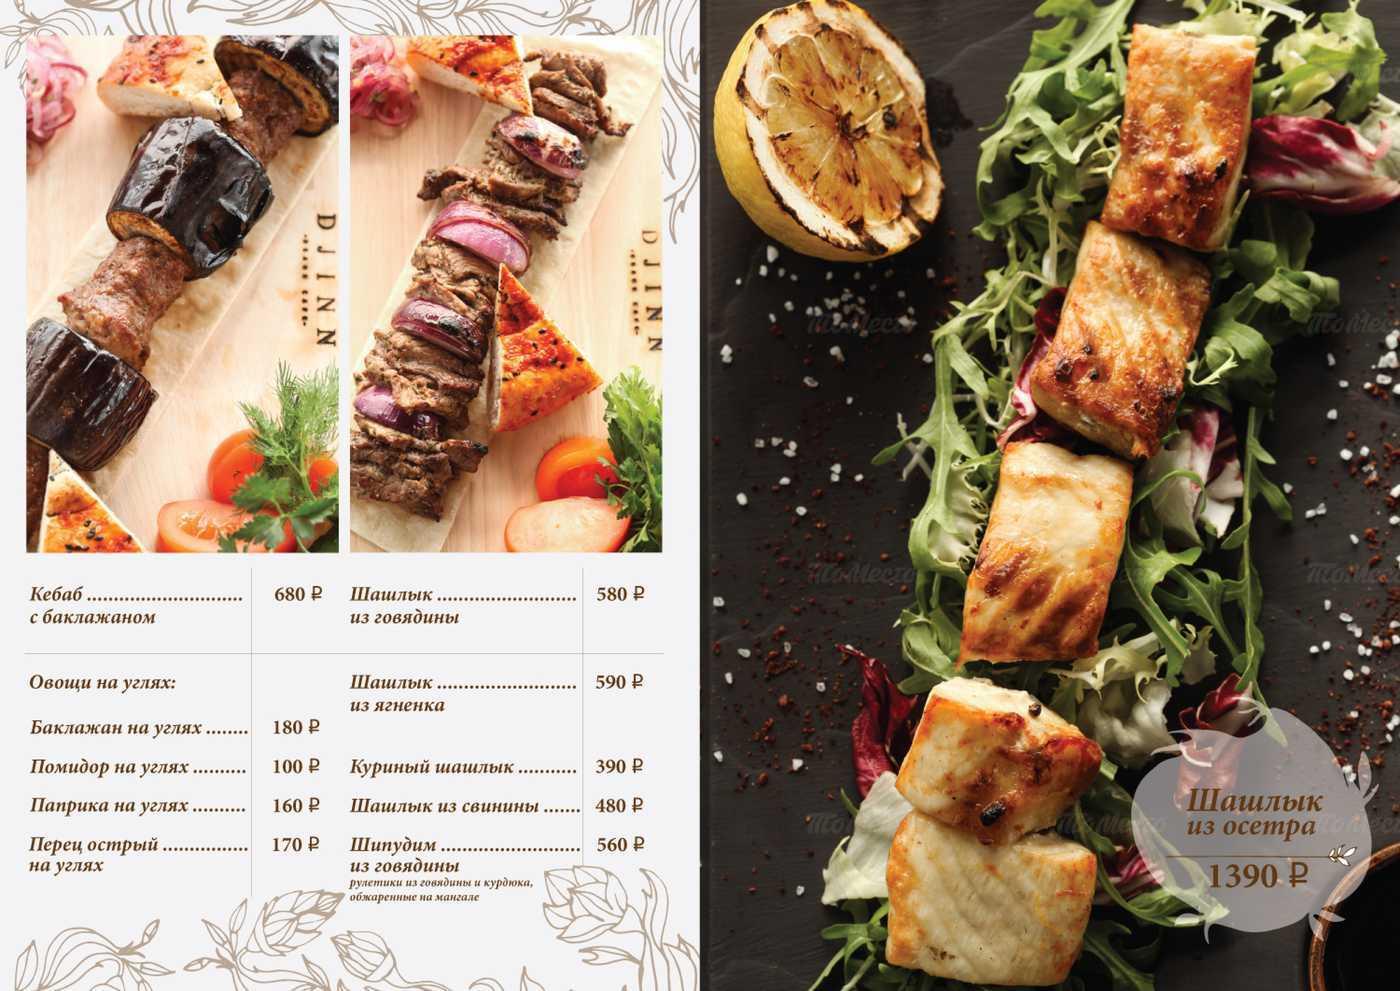 Меню ресторана Grand Cafe DJINN (Гранд кафе Джин) в Полюстровском